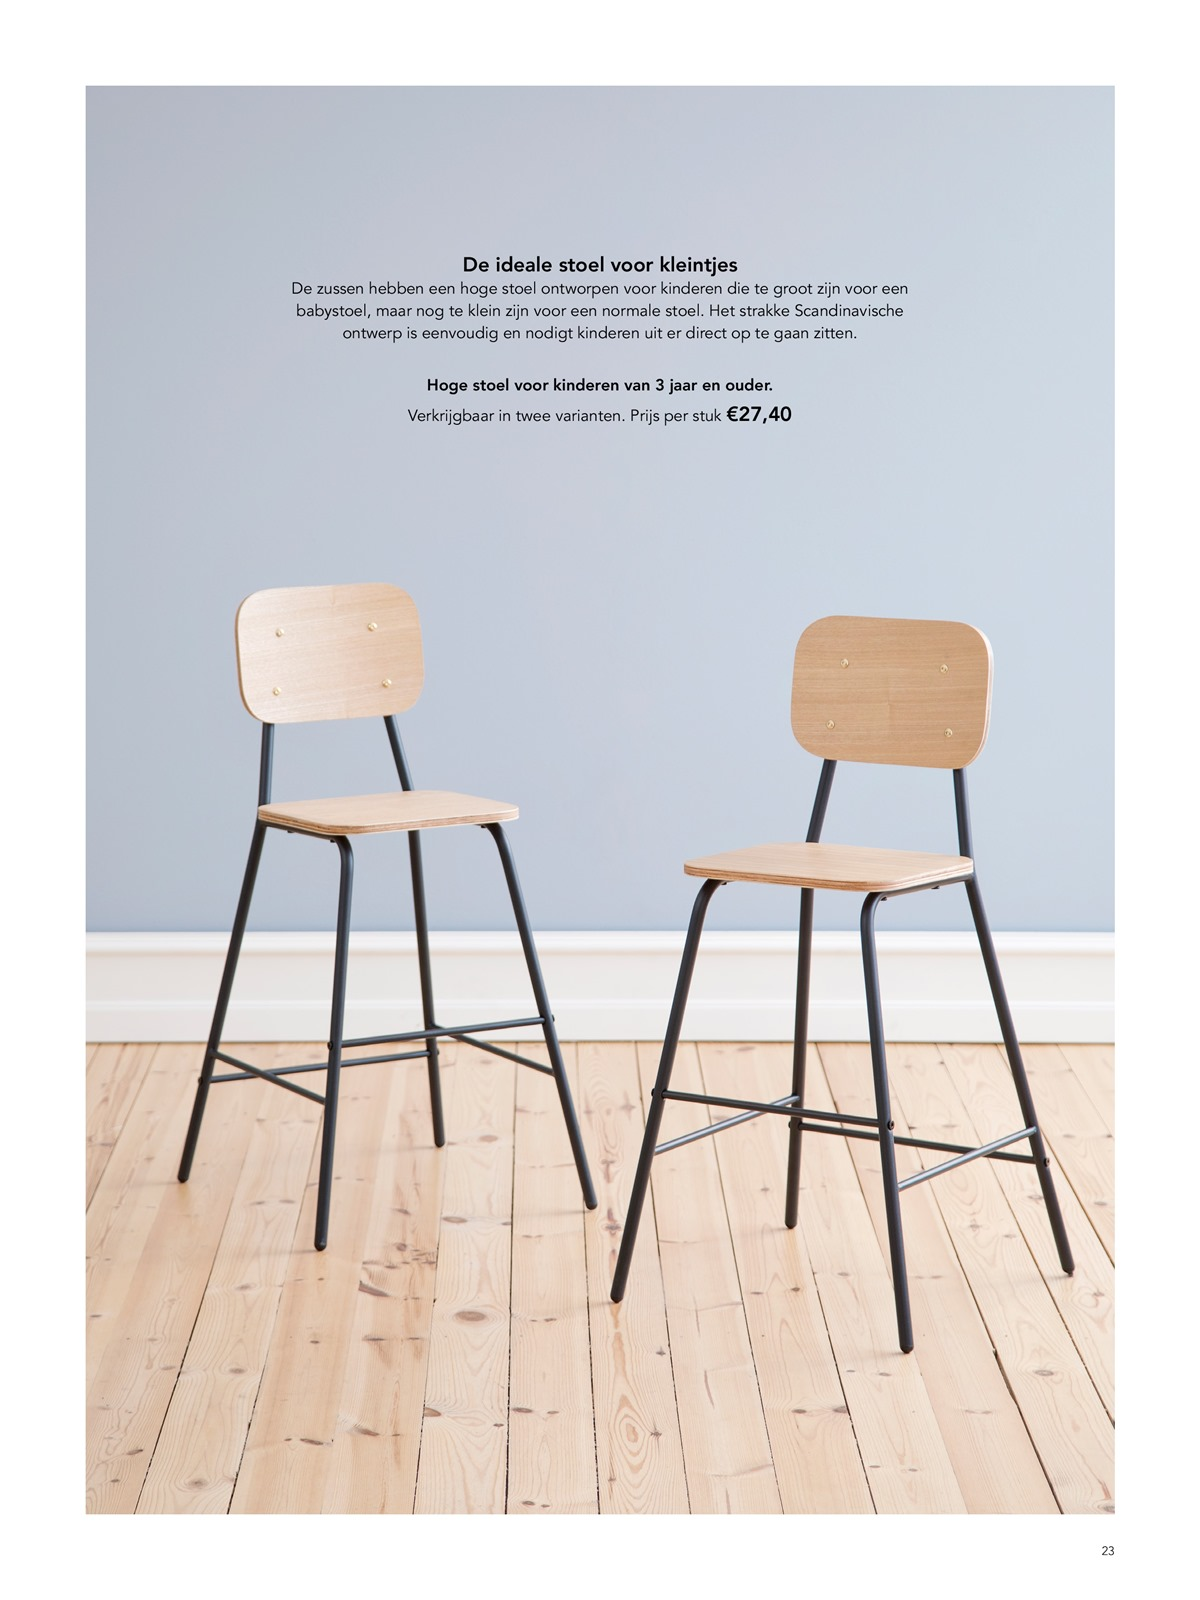 Hoge Stoel Kind.Folder Sostrene Grene Van 01 05 2019 Tot 31 05 2019 Magazine Mei